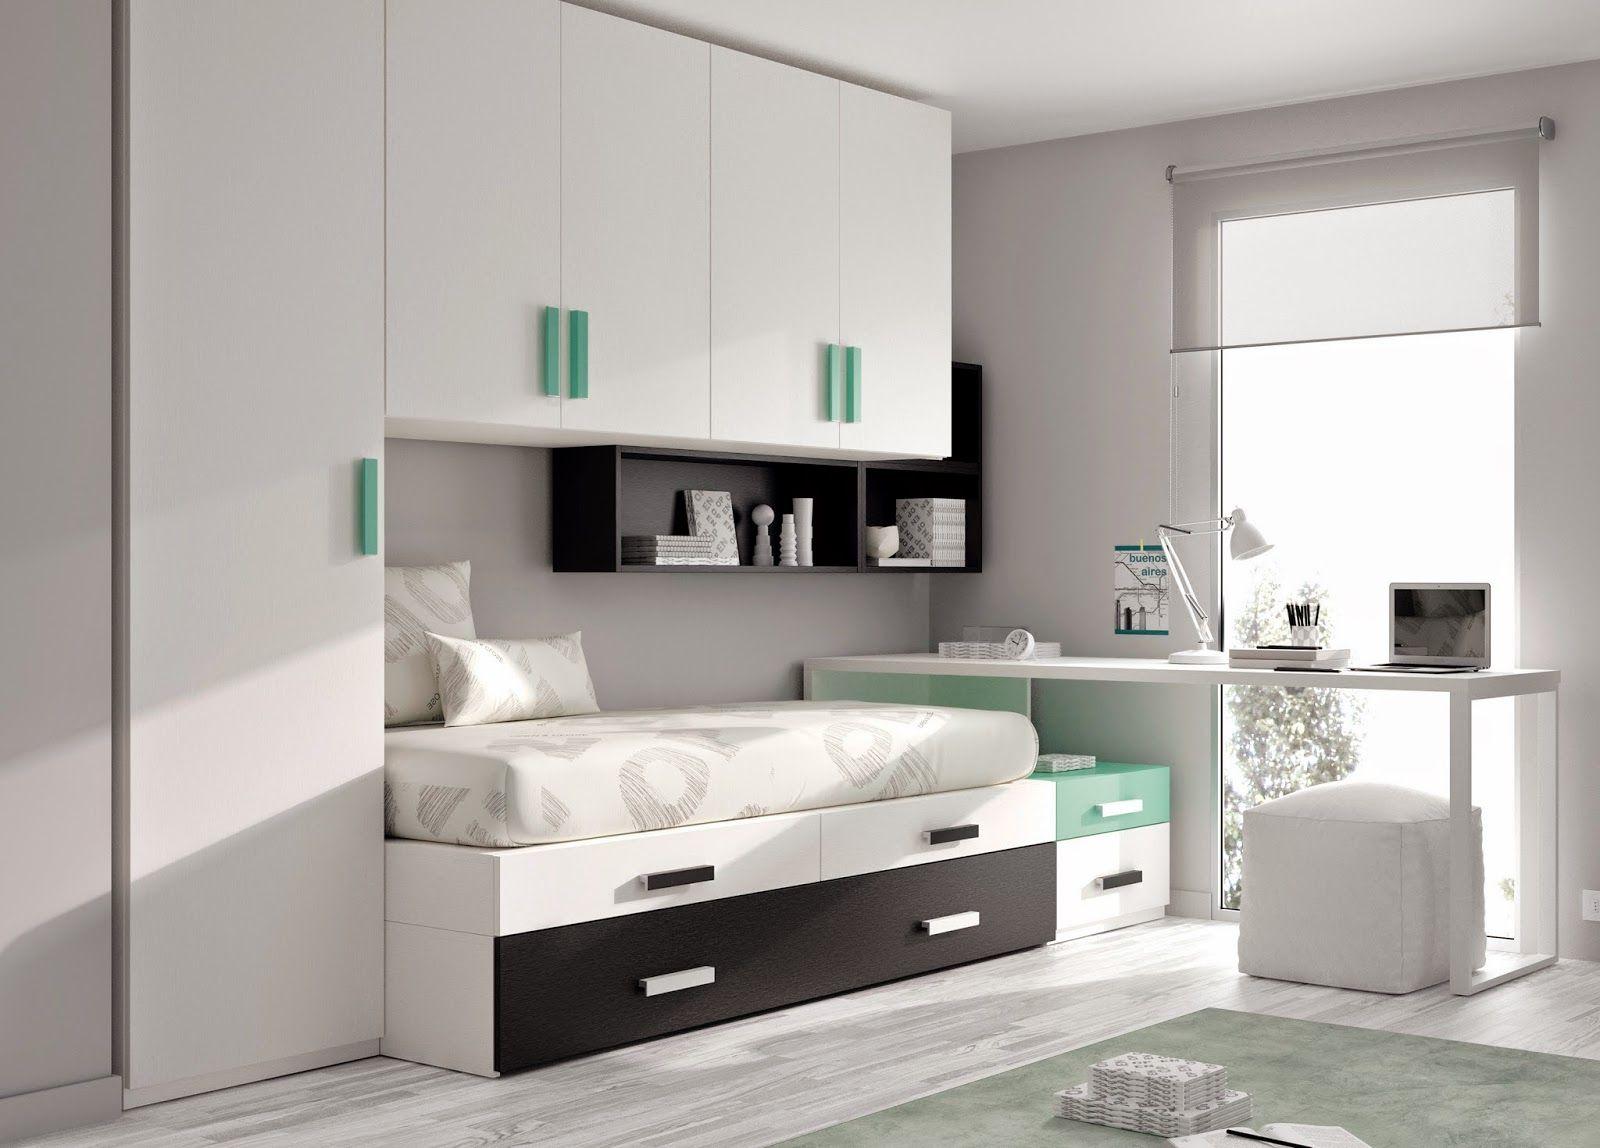 Dormitorios de muebles ros la casa de los ni os for Muebles dormitorio nina